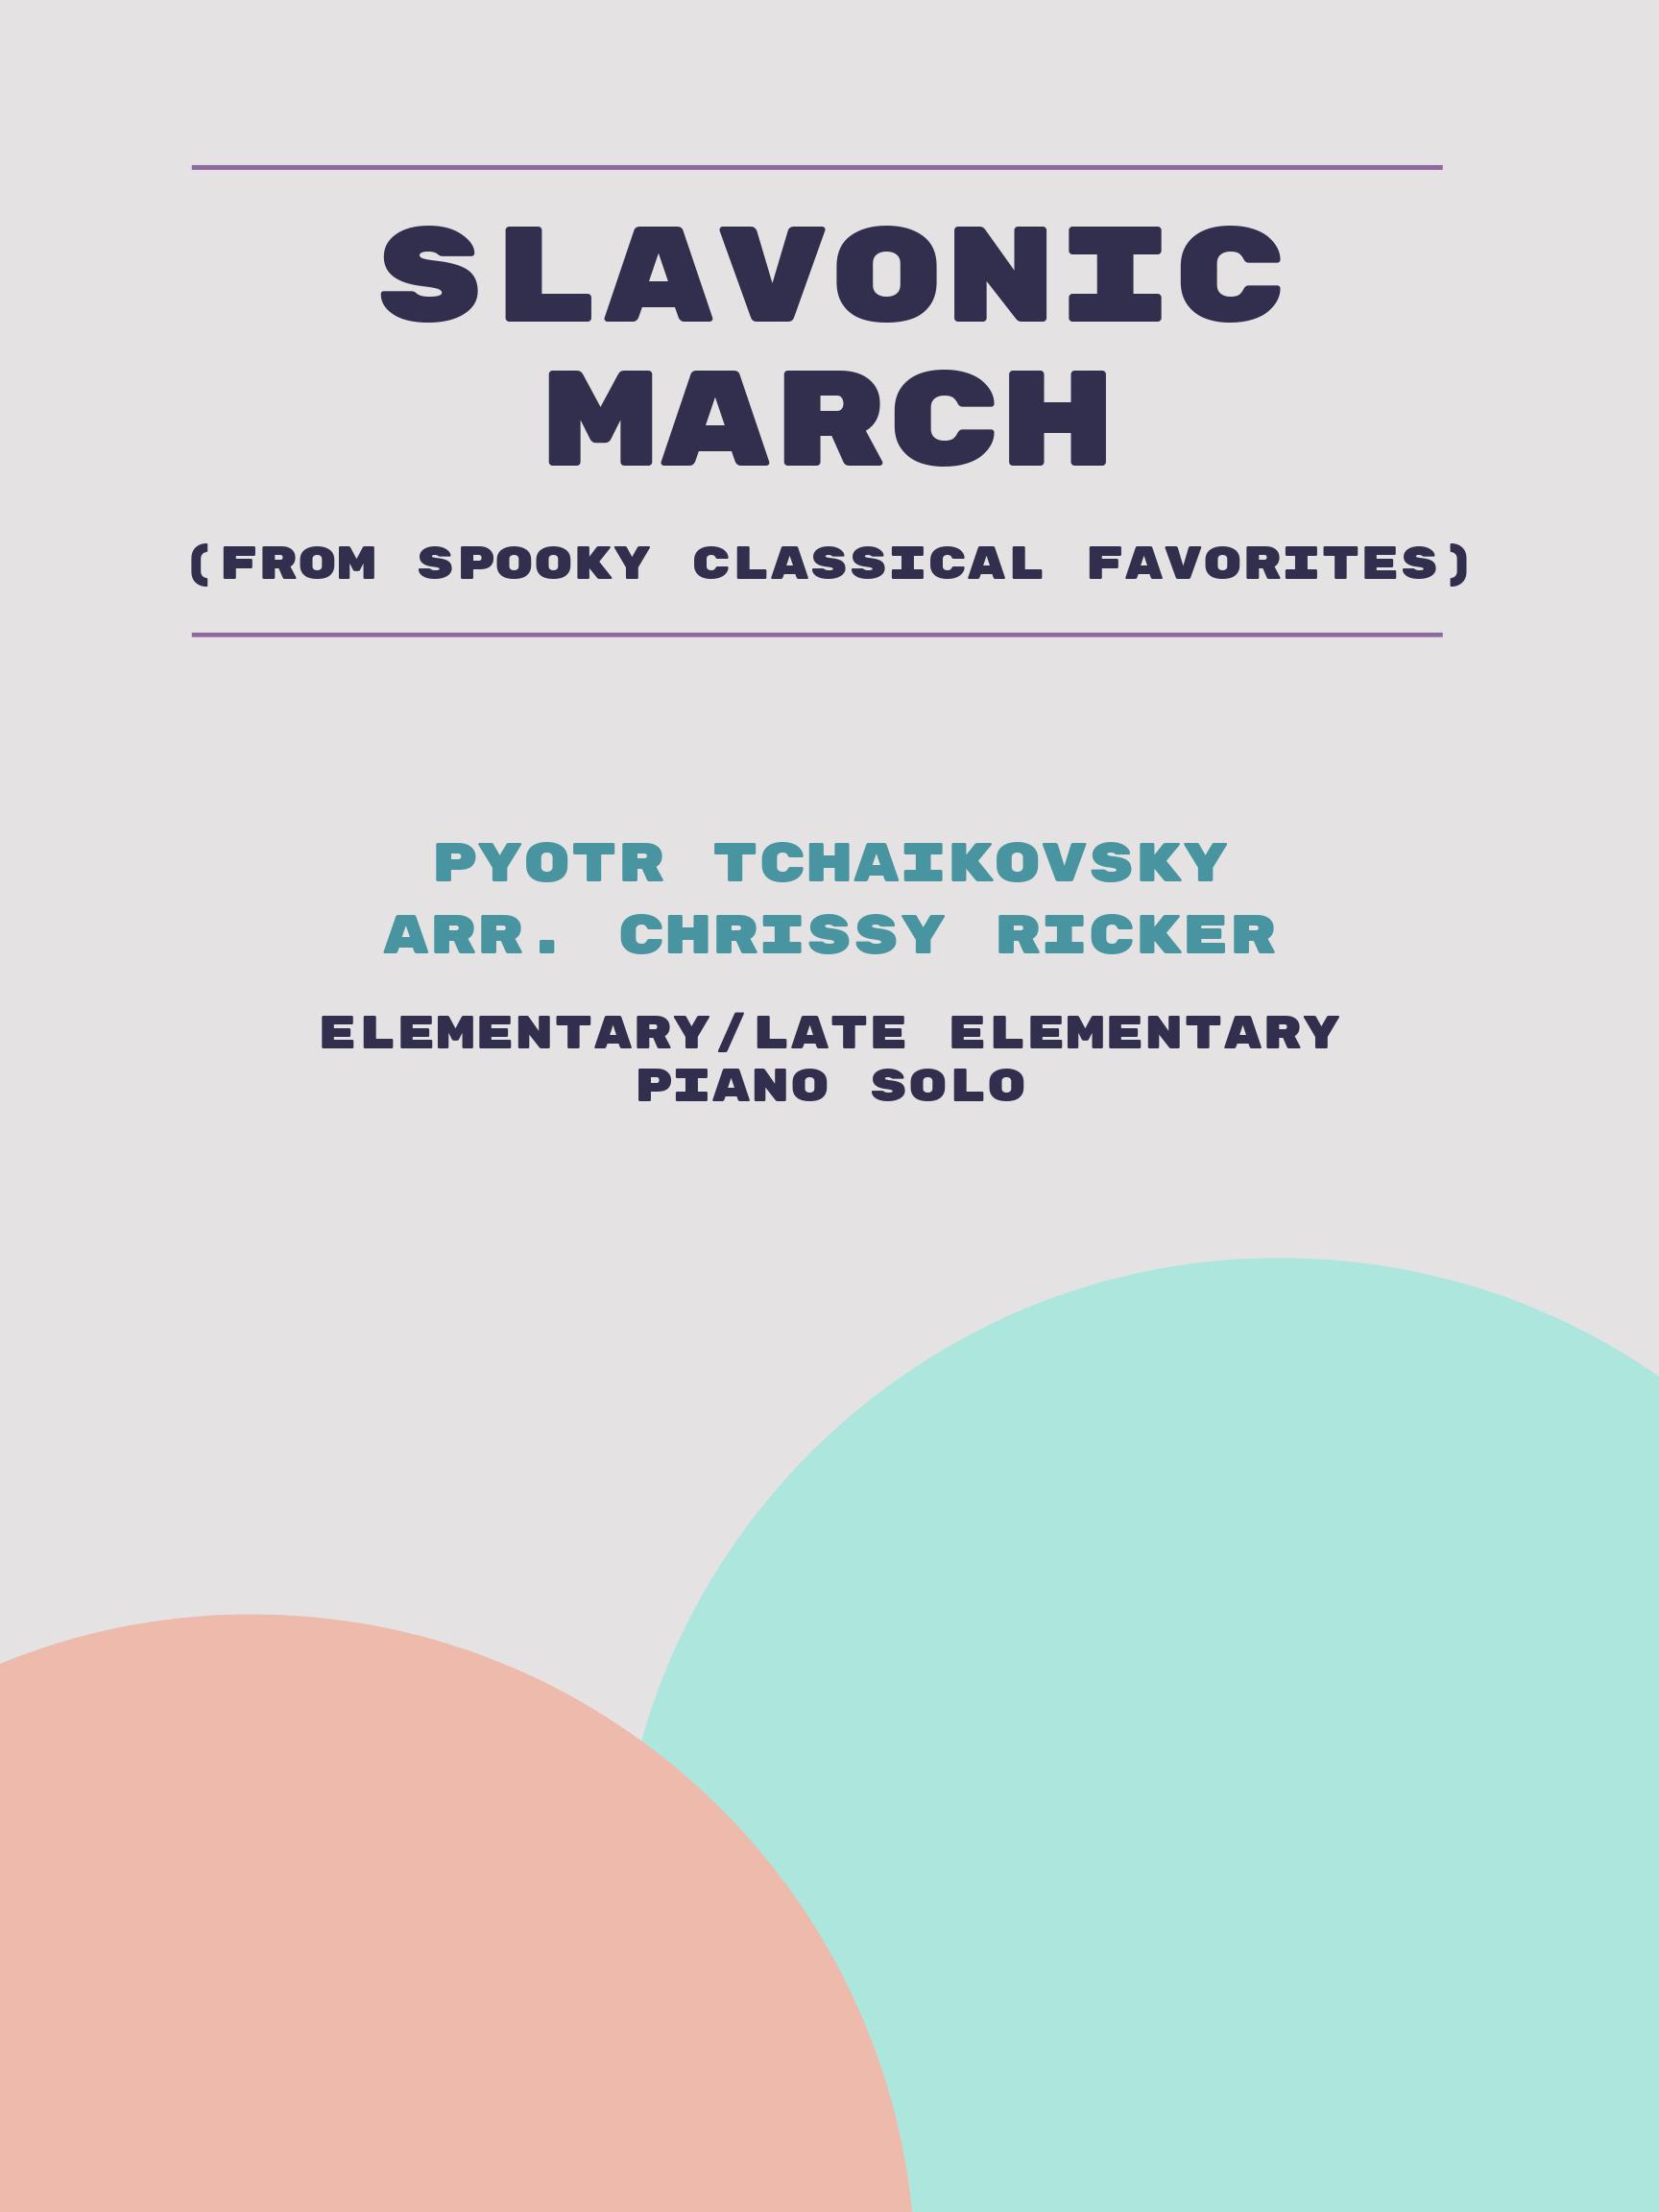 Slavonic March by Pyotr Tchaikovsky